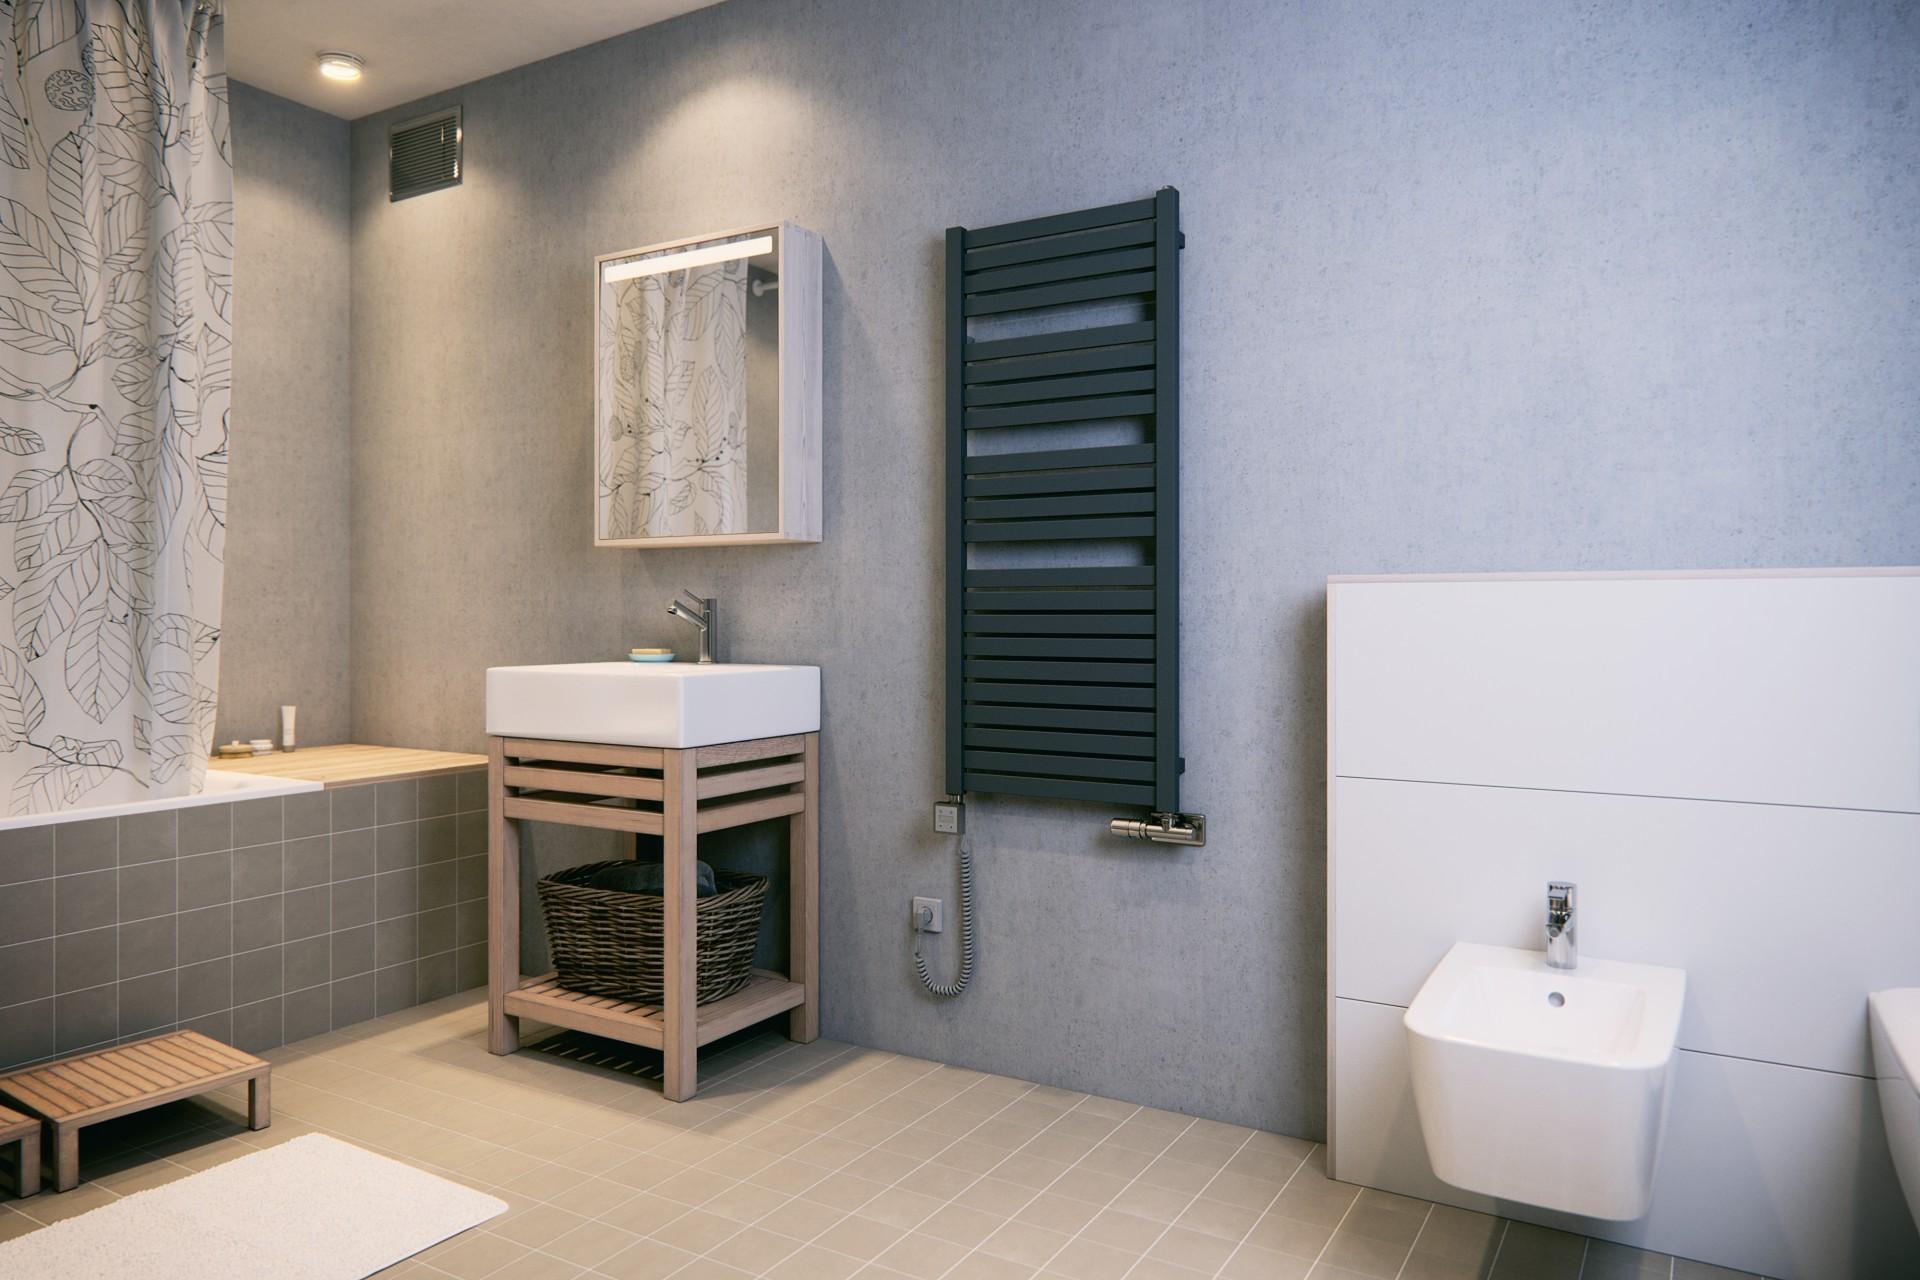 Badheizkörper, Handtuchtrockner Terma Mantis modern